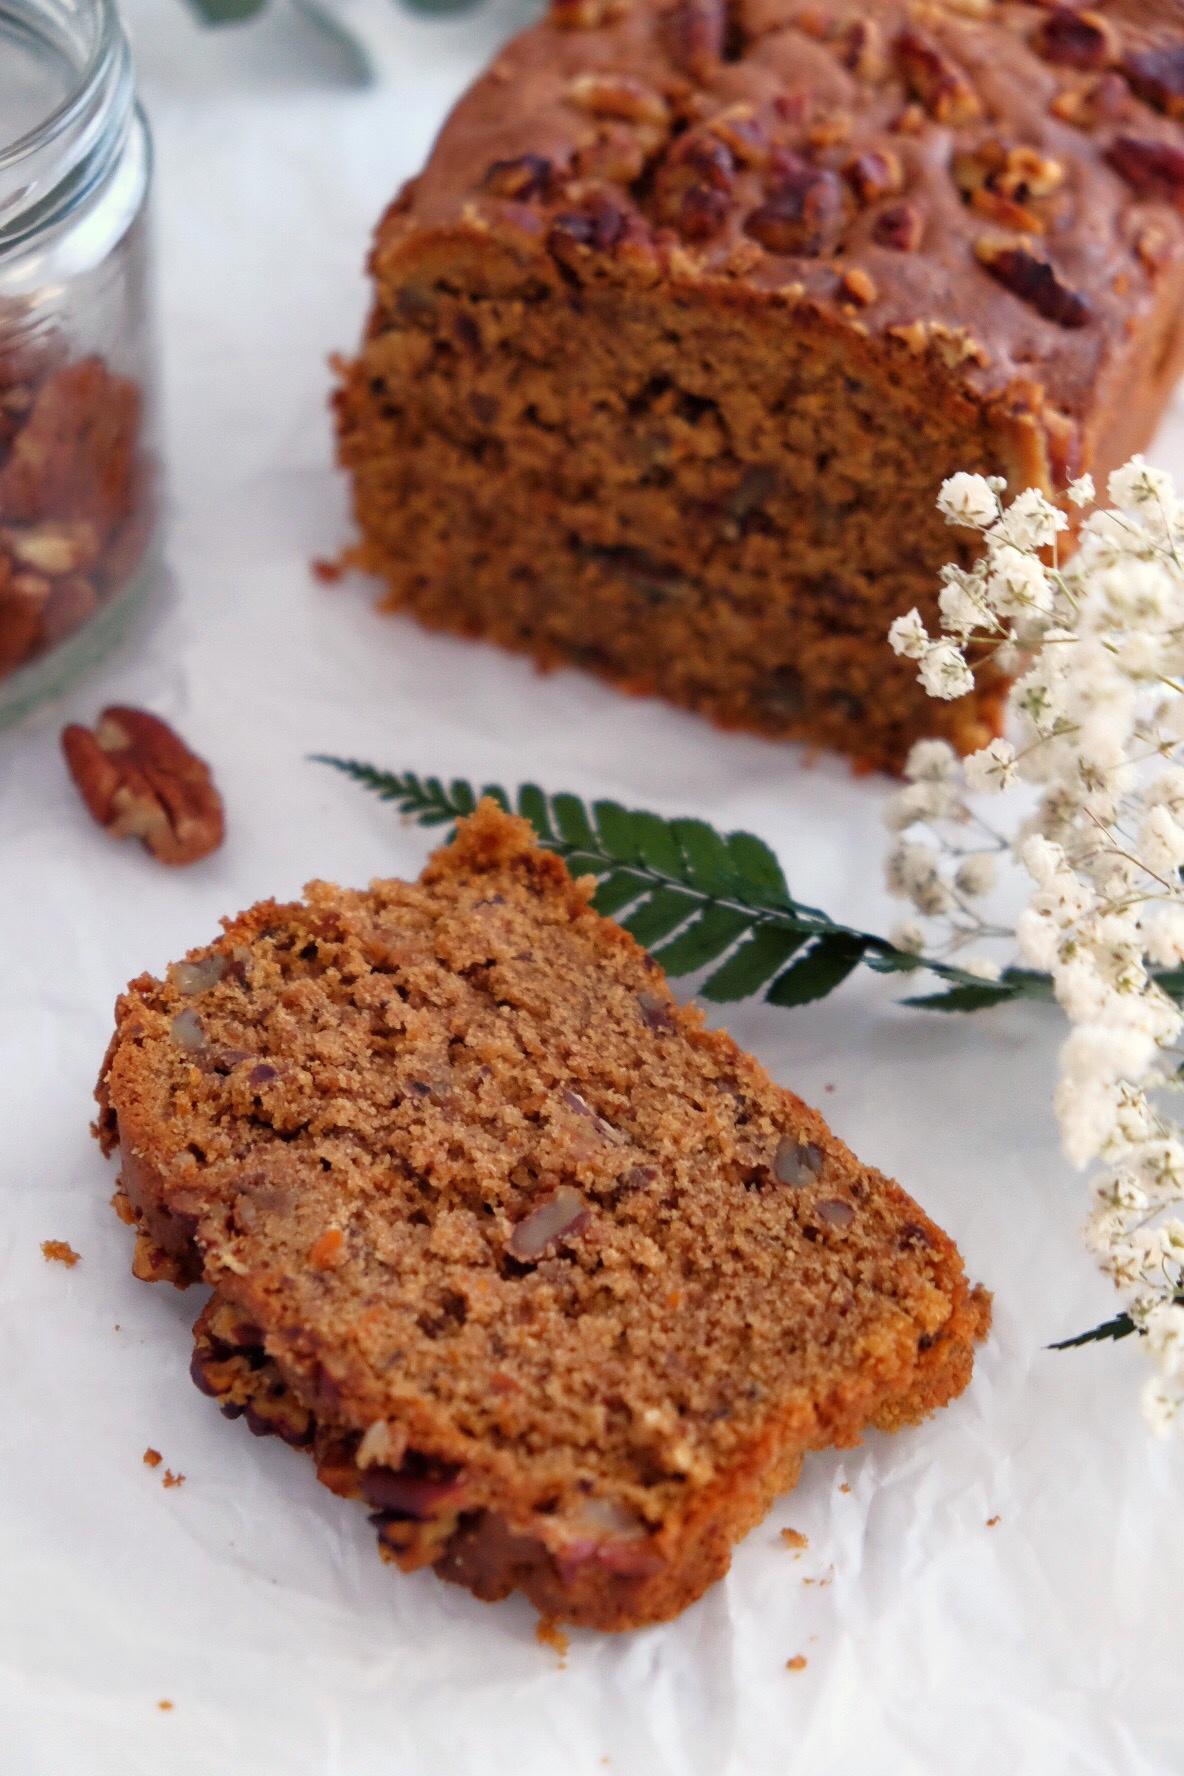 Délicieux gâteau aux carottes sans gluten